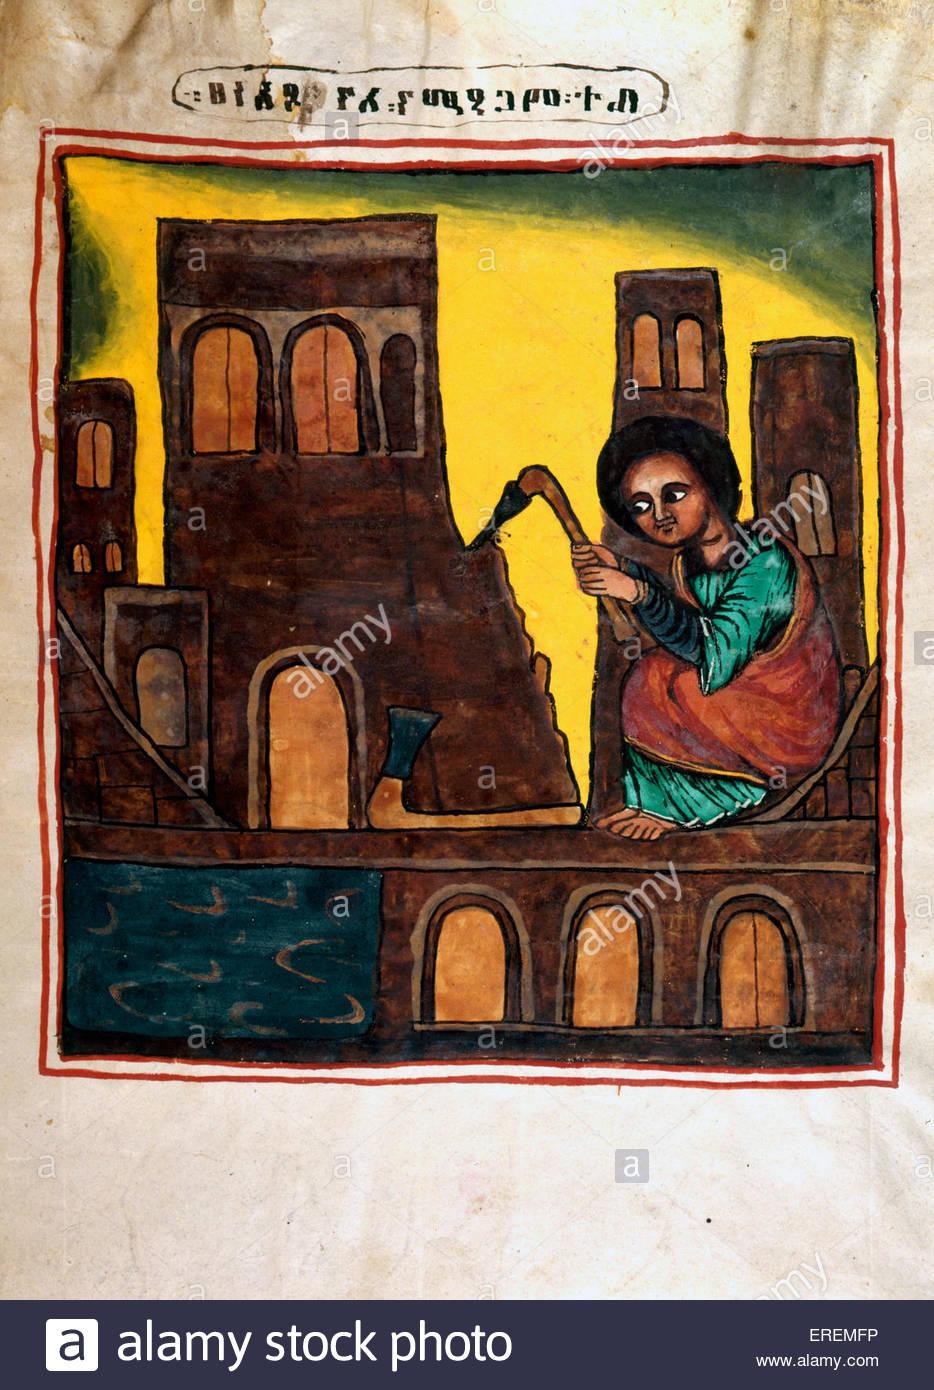 La construcción de la Iglesia de Santa María. Manuscrito iluminado del siglo XIX etíope. Posiblemente Imagen De Stock